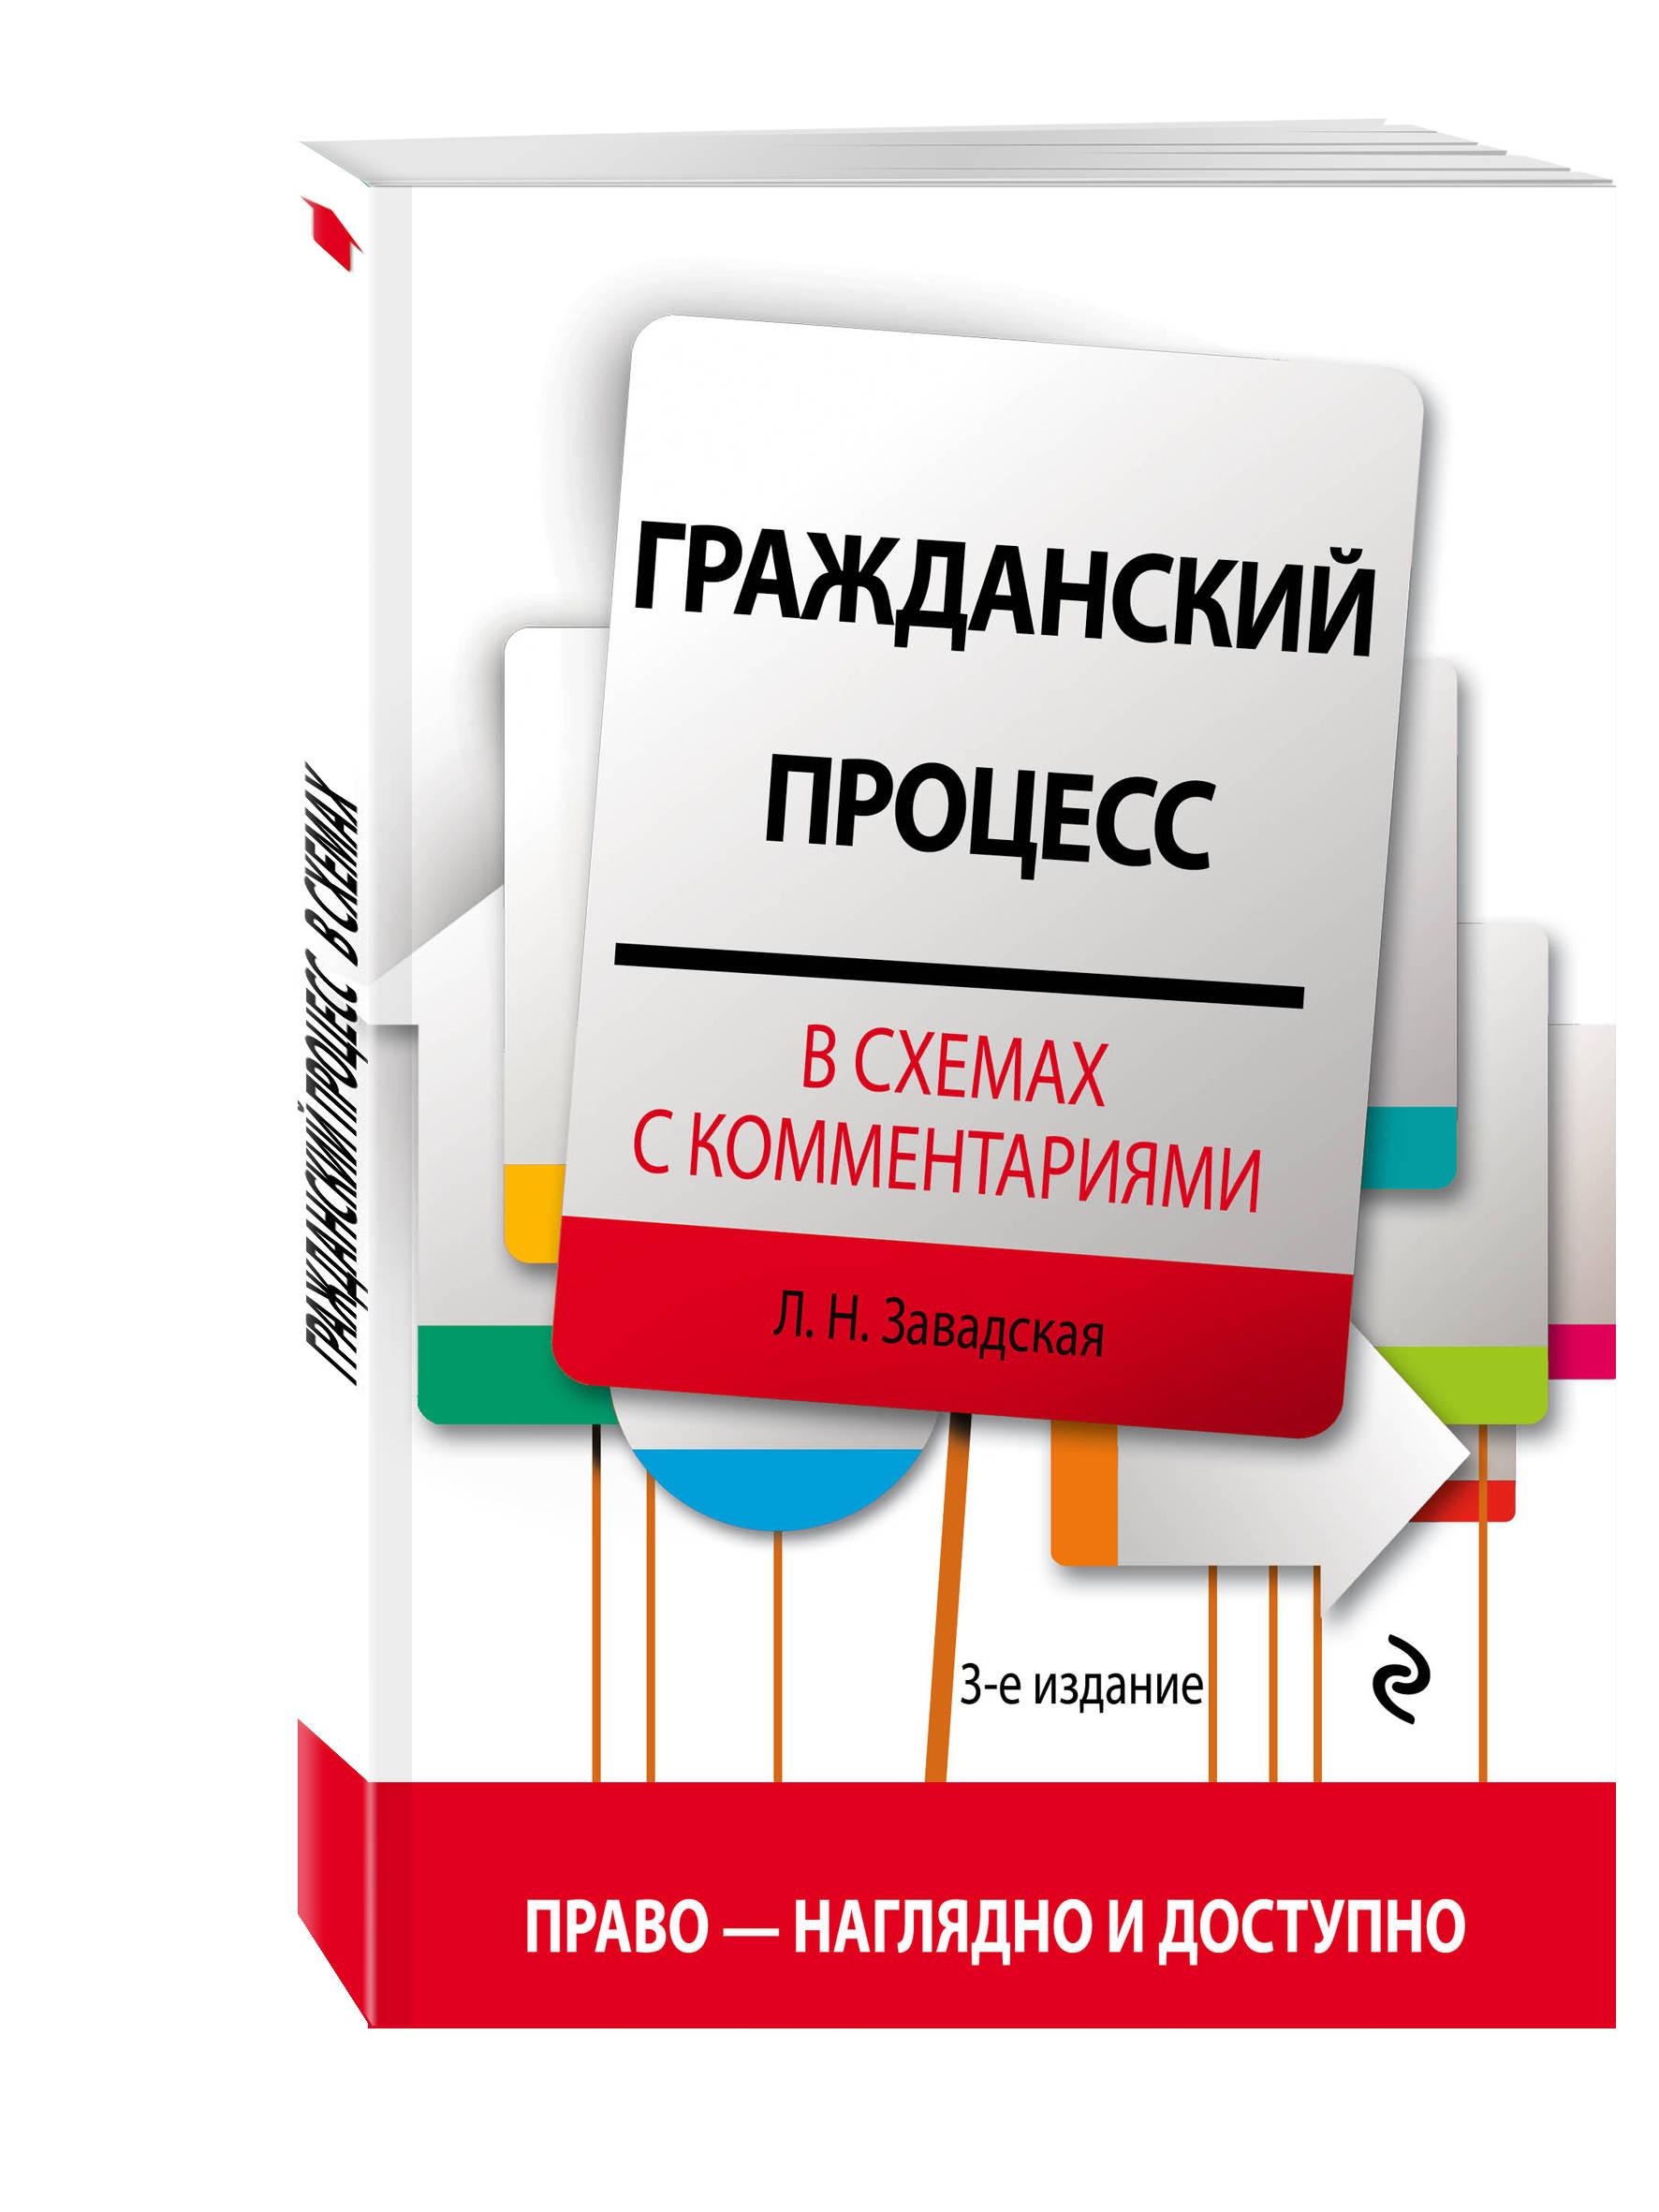 Гражданский процесс в схемах с комментариями. 3-е издание. Исправленное и дополненное